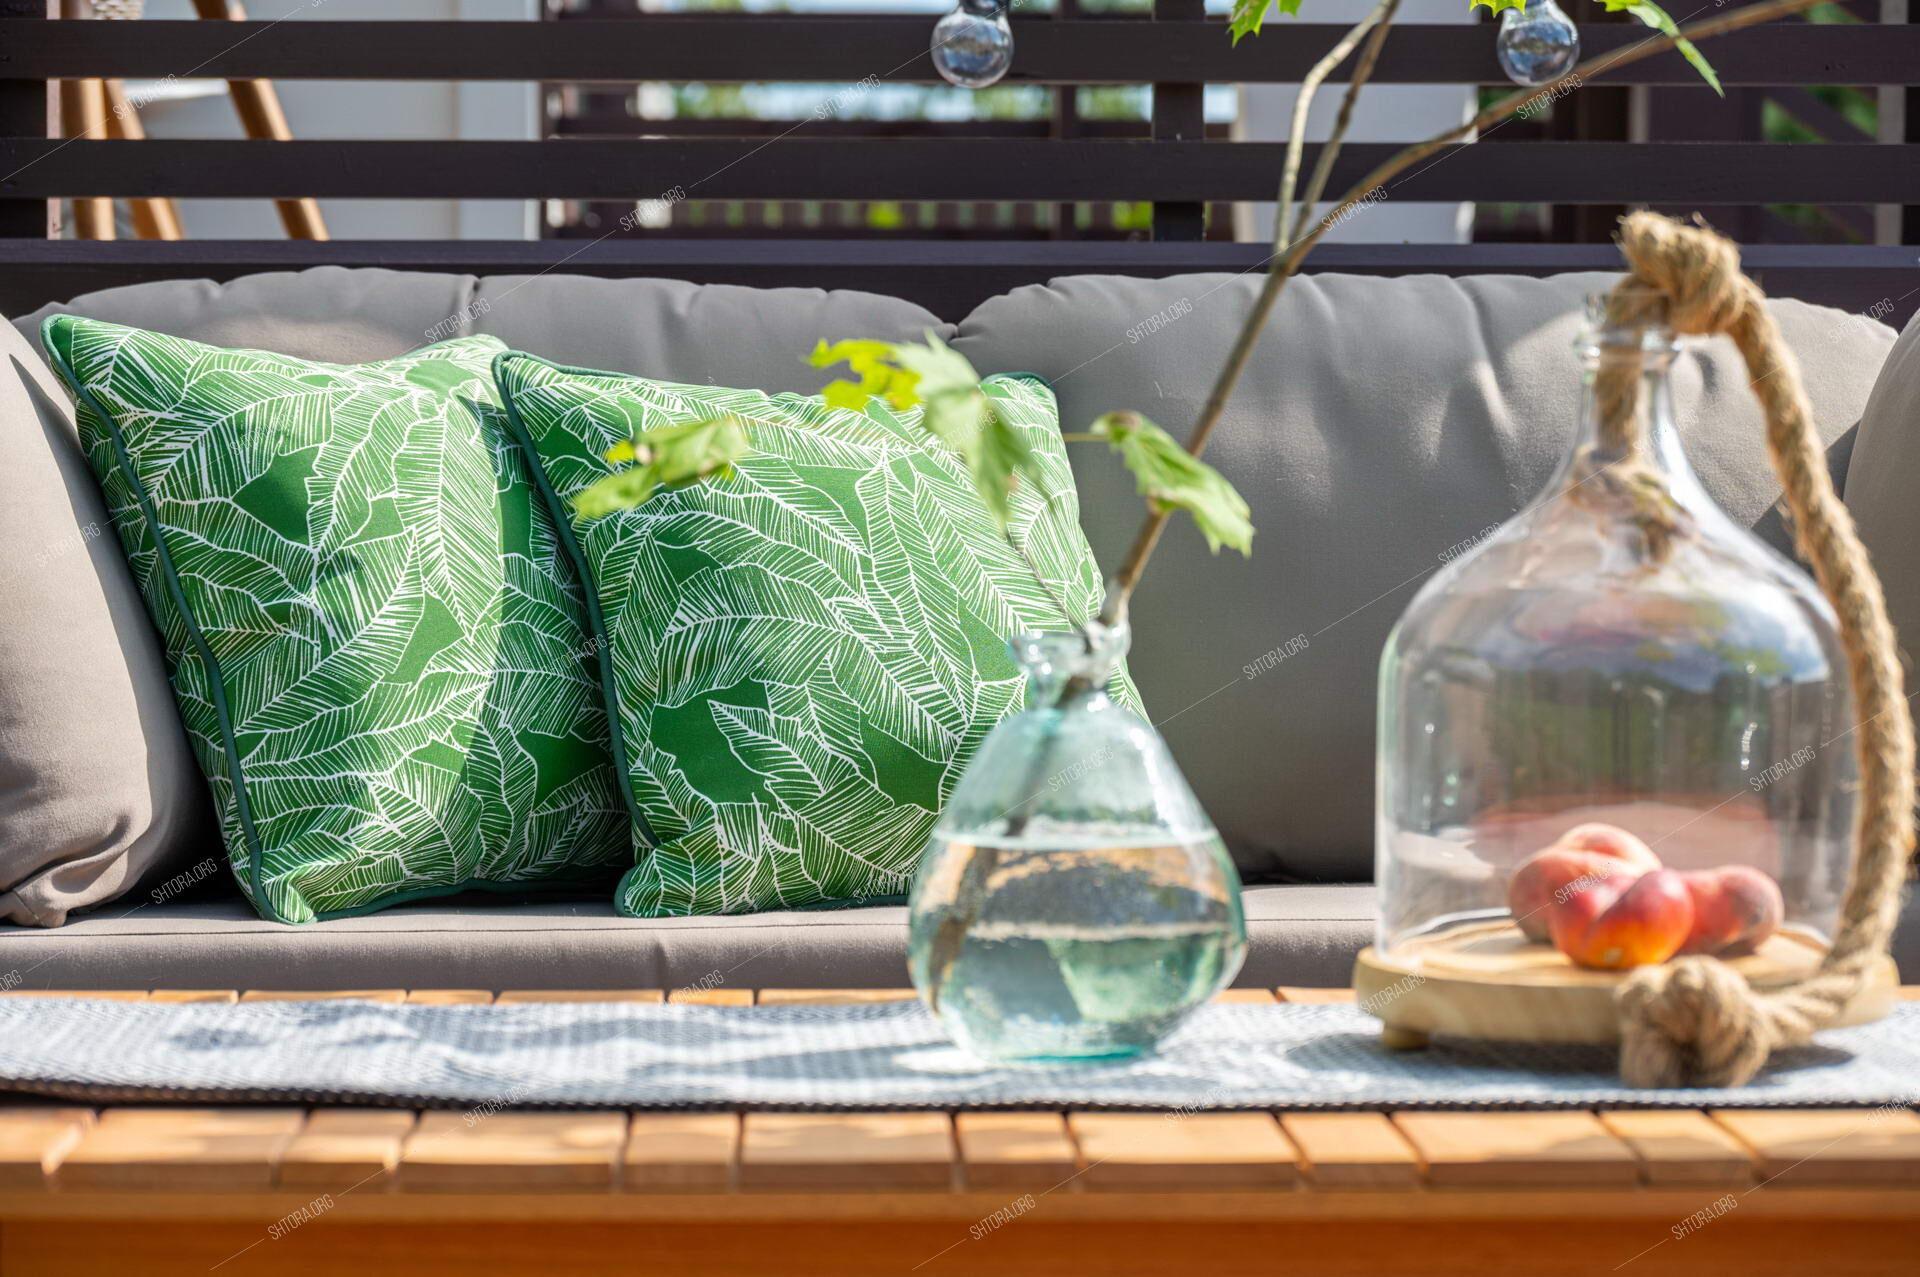 Чехлы для подушек уличной мебели, шезлонга.